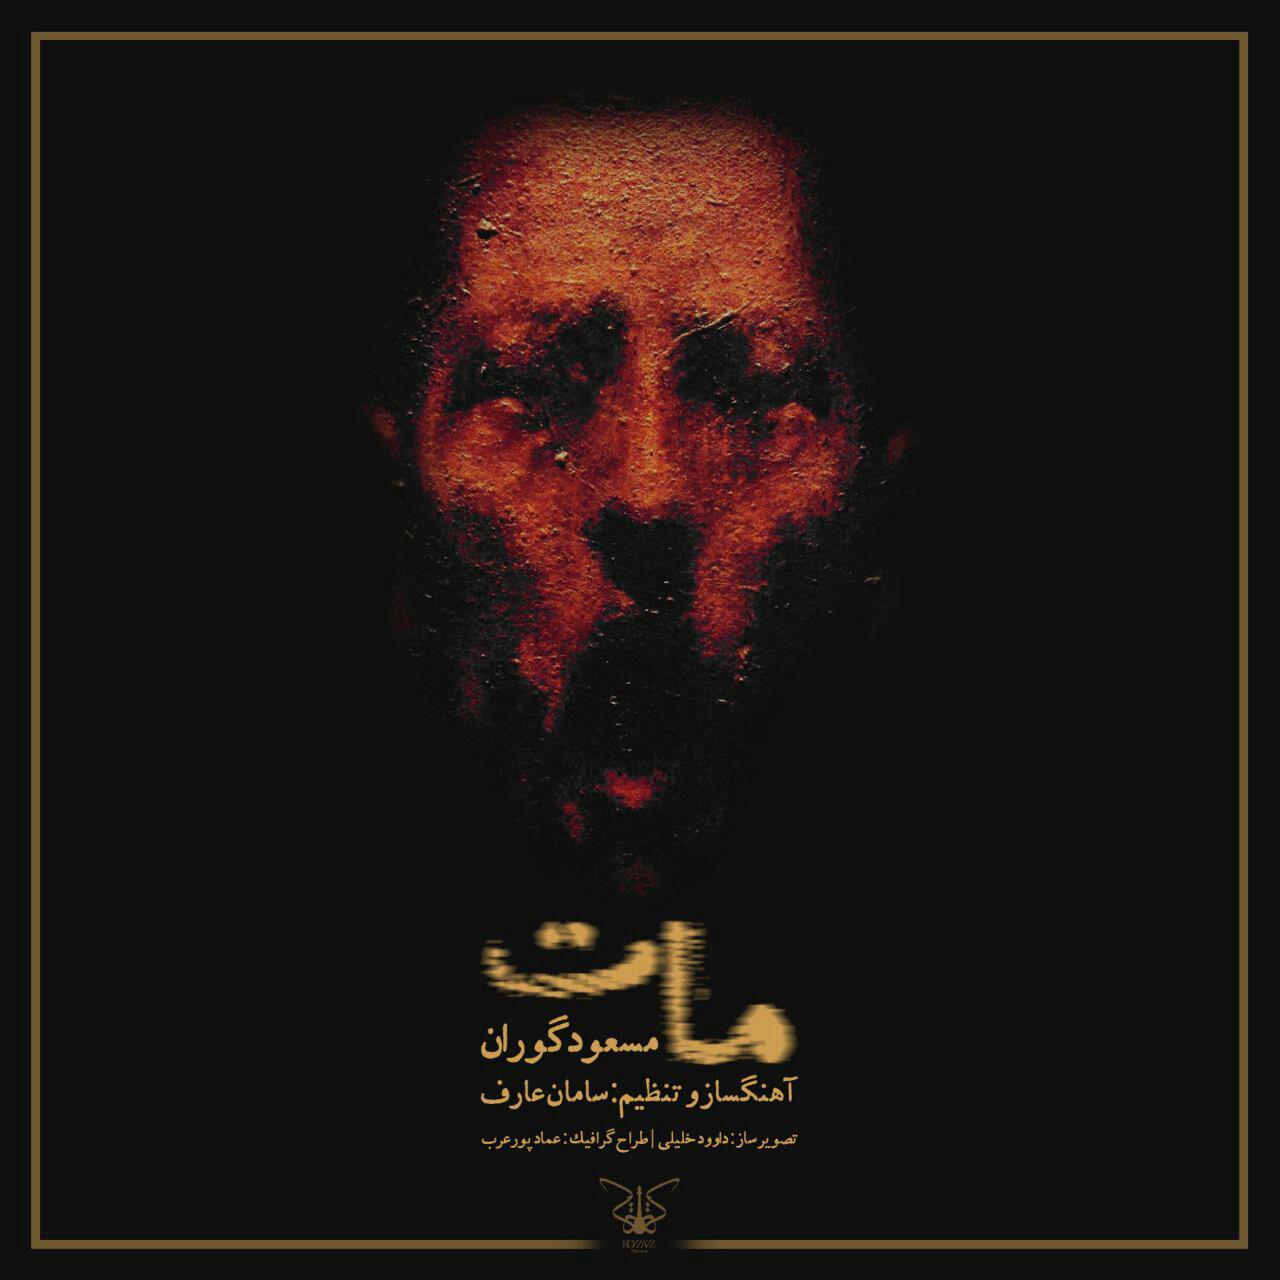 آهگ جدید مسعود گوران با نام مات